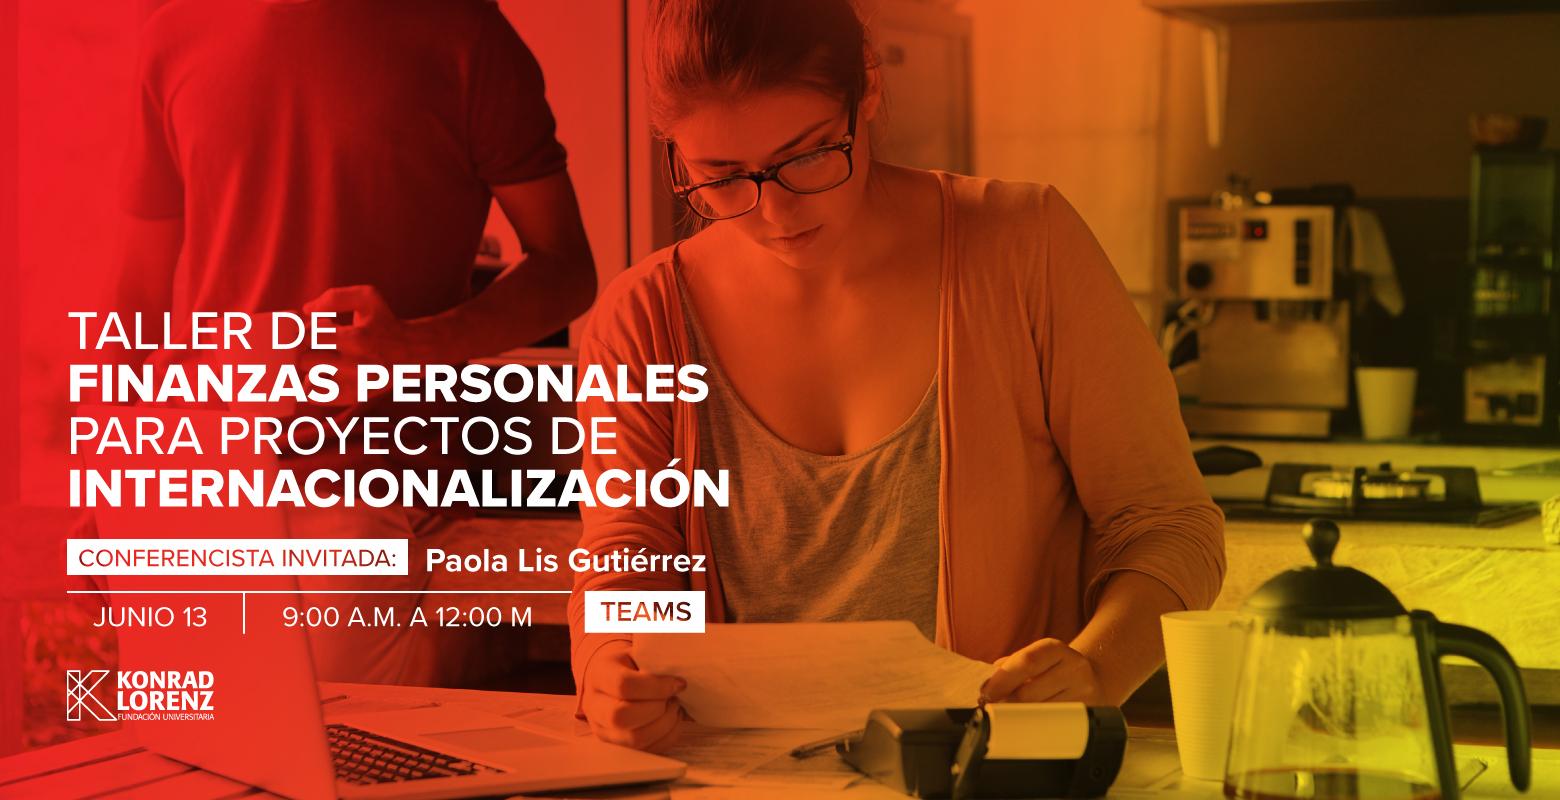 Taller de Finanzas Personales para Proyectos de Internacionalización